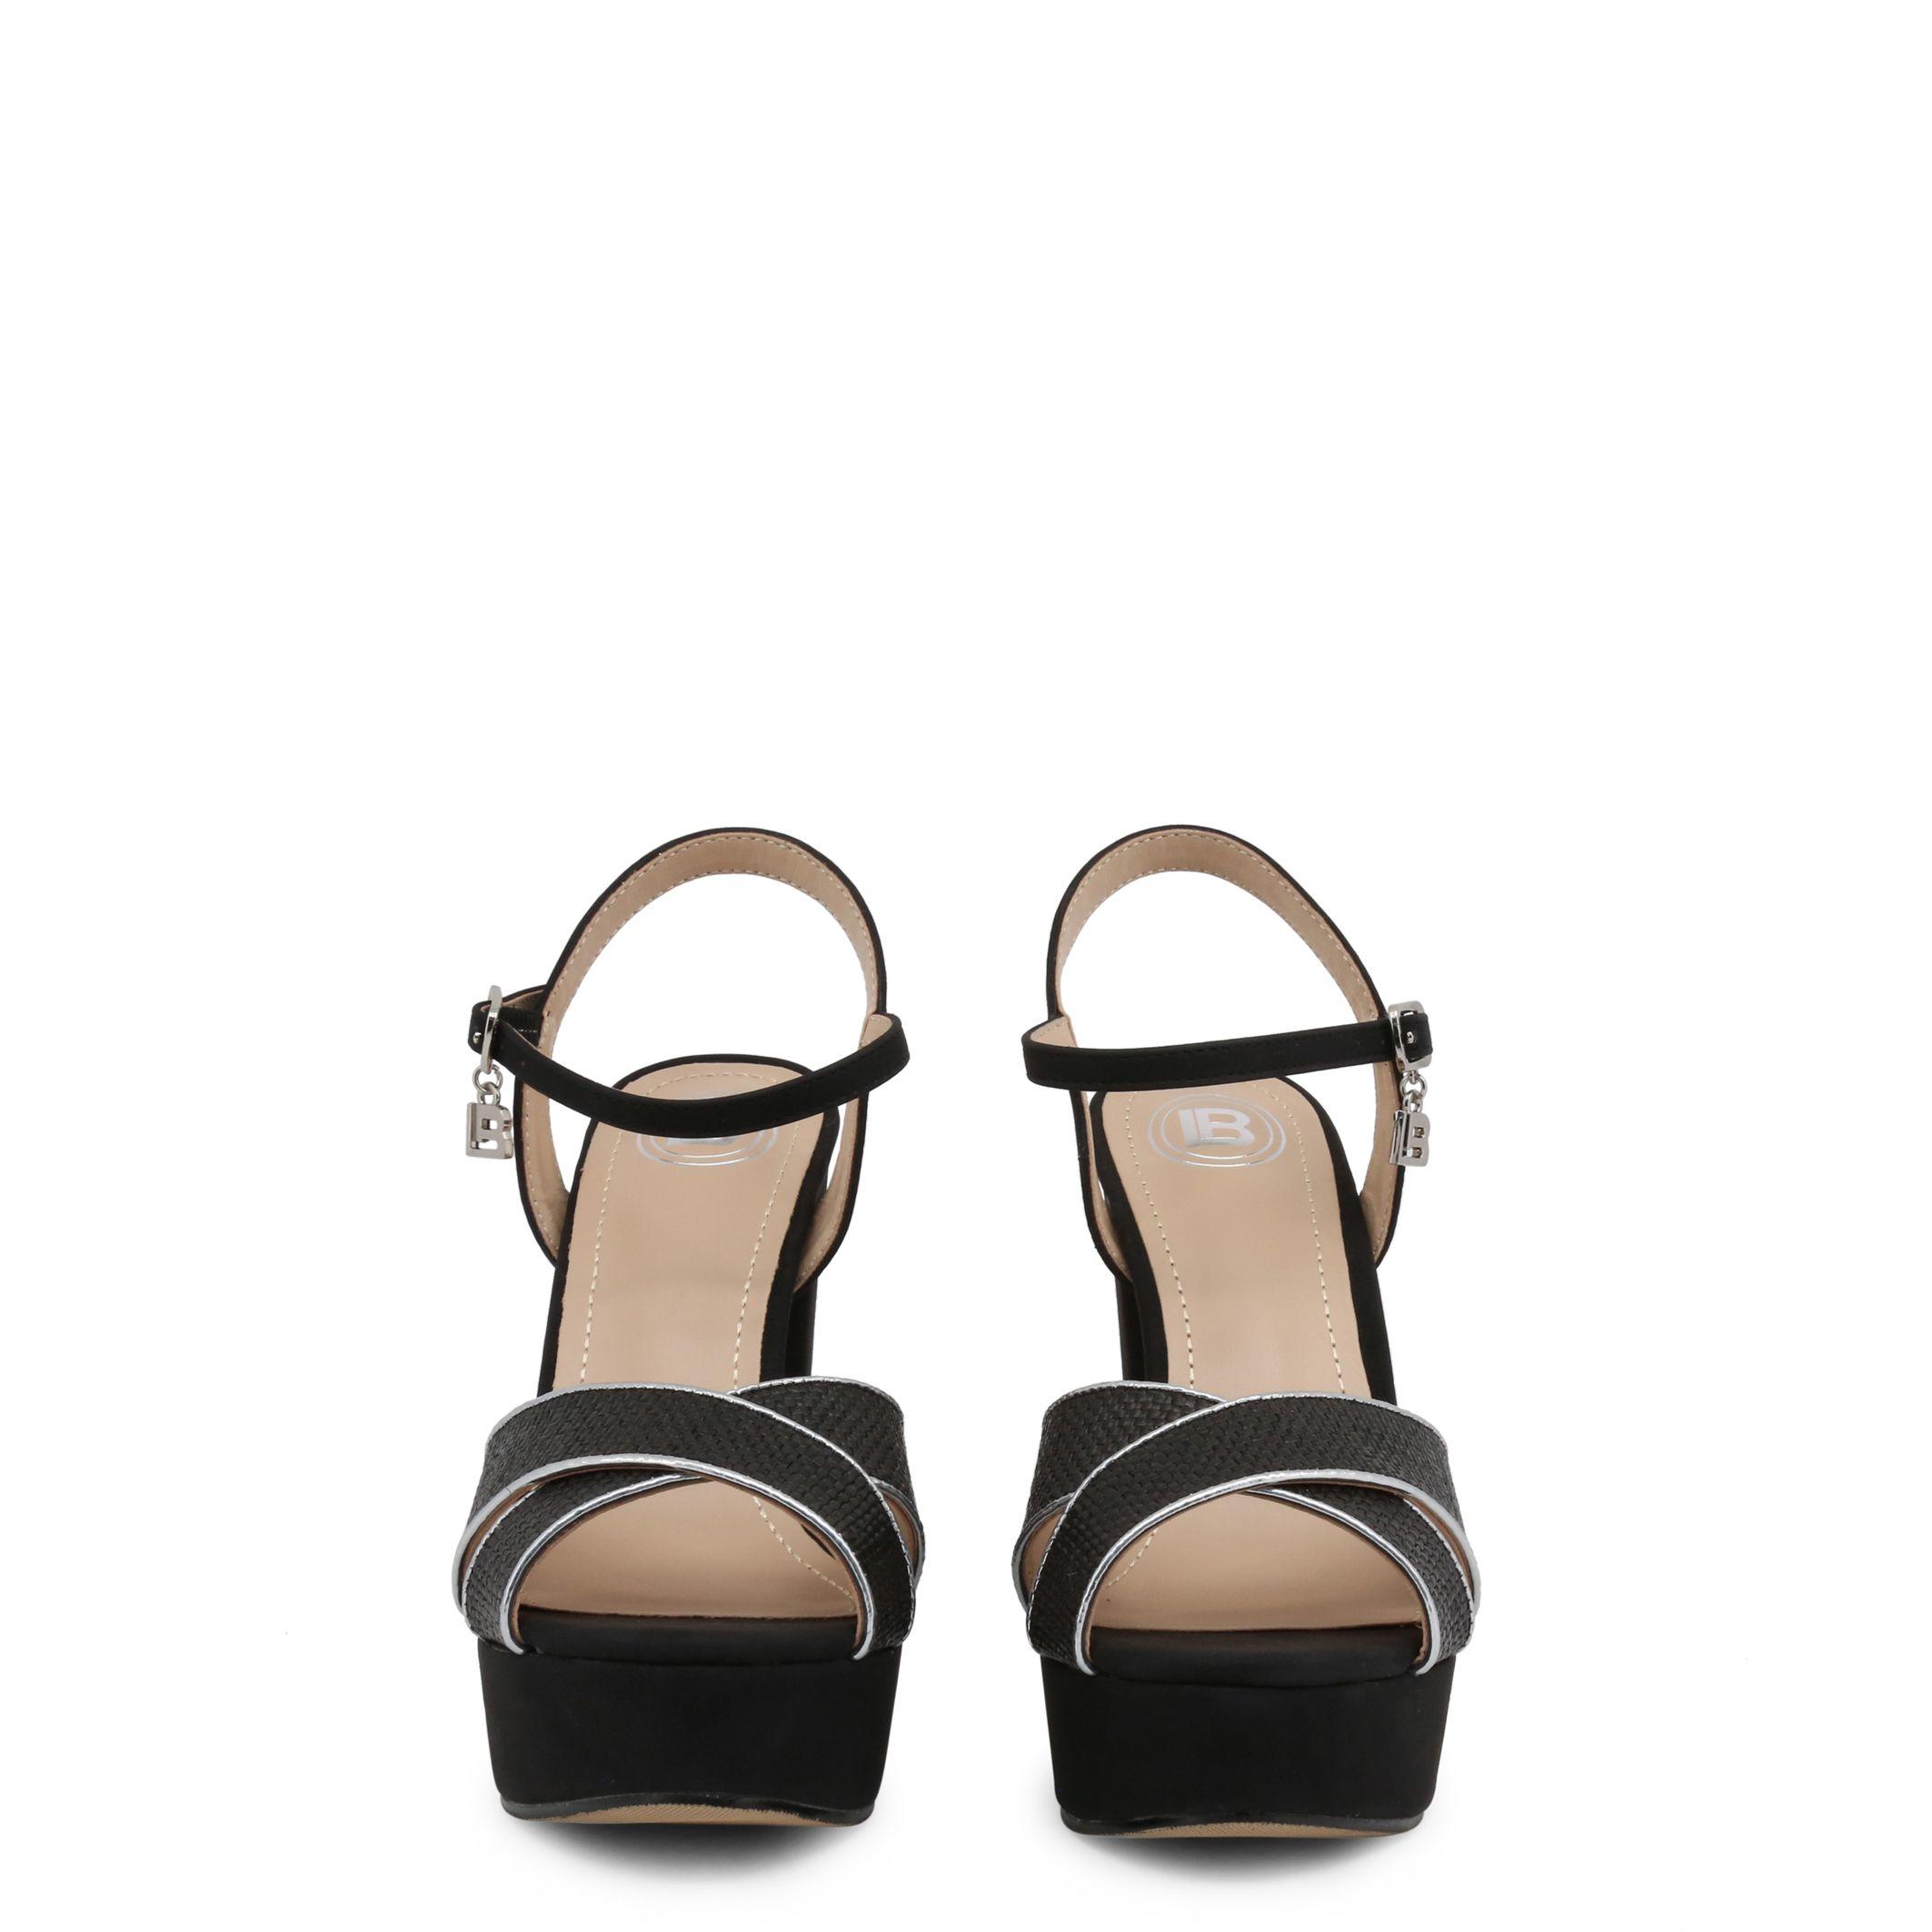 Laura Biagiotti Womens Sandals